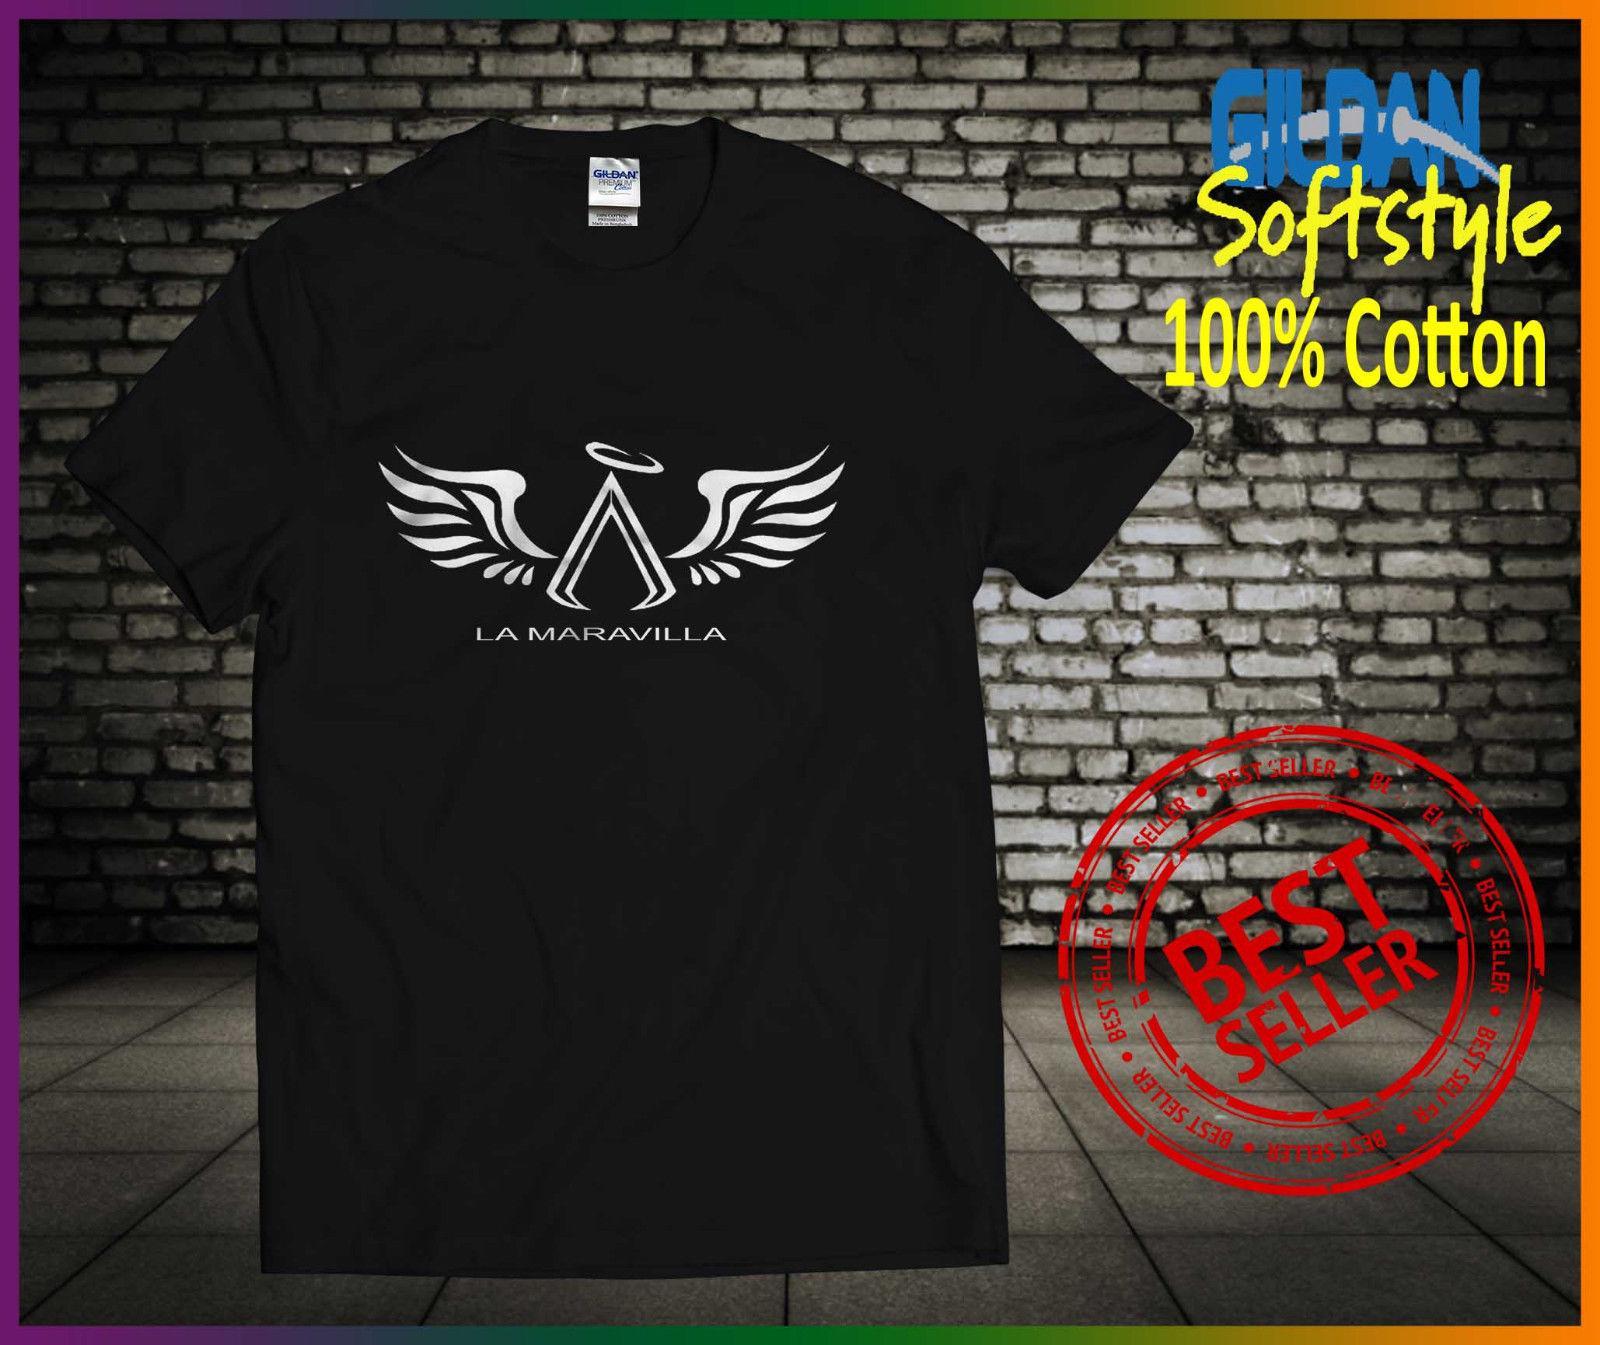 ad0387069d95 Camiseta Personalizada De Arcangel Logo Sudadera Con Capucha Para Hombre  Envío Gratis Divertido Camiseta Unisex Top A $12.96 Del Handdrawntees |  DHgate.Com